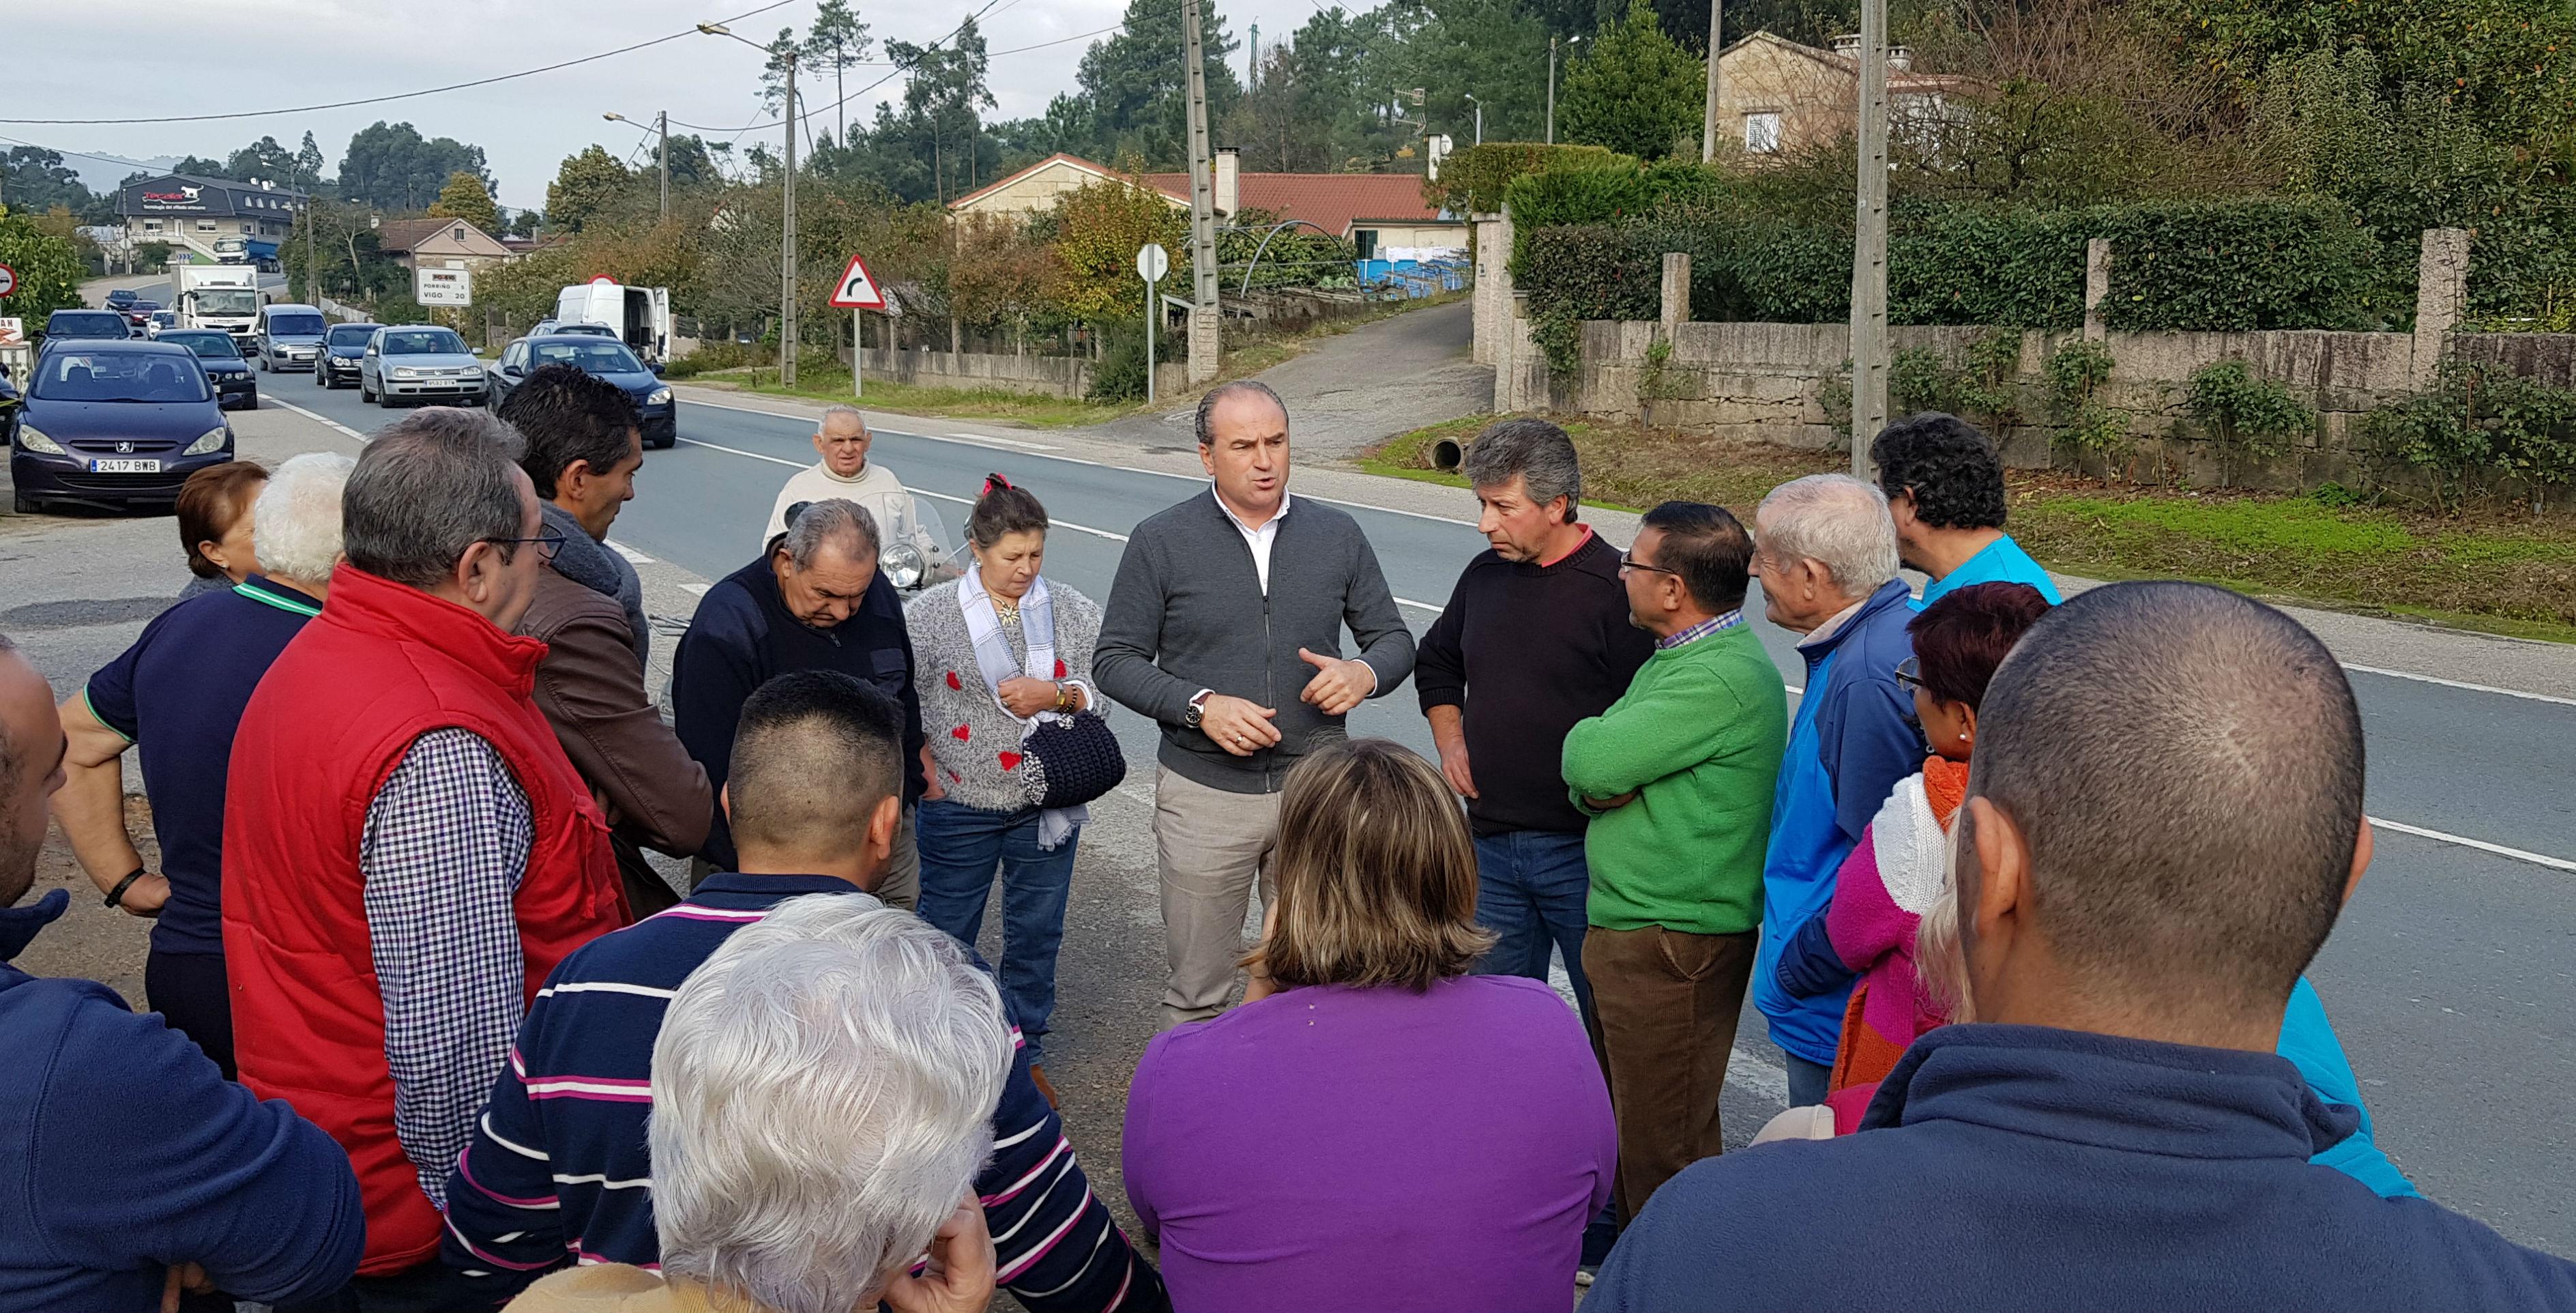 Veciños da Vaquería cortarán o tráfico na estrada PO-510 para esixir á Xunta a sinalización dunha 'isleta' central e pasos peonís para poder cruzar e xirar entre os quilómetros 2,200 e 2,600